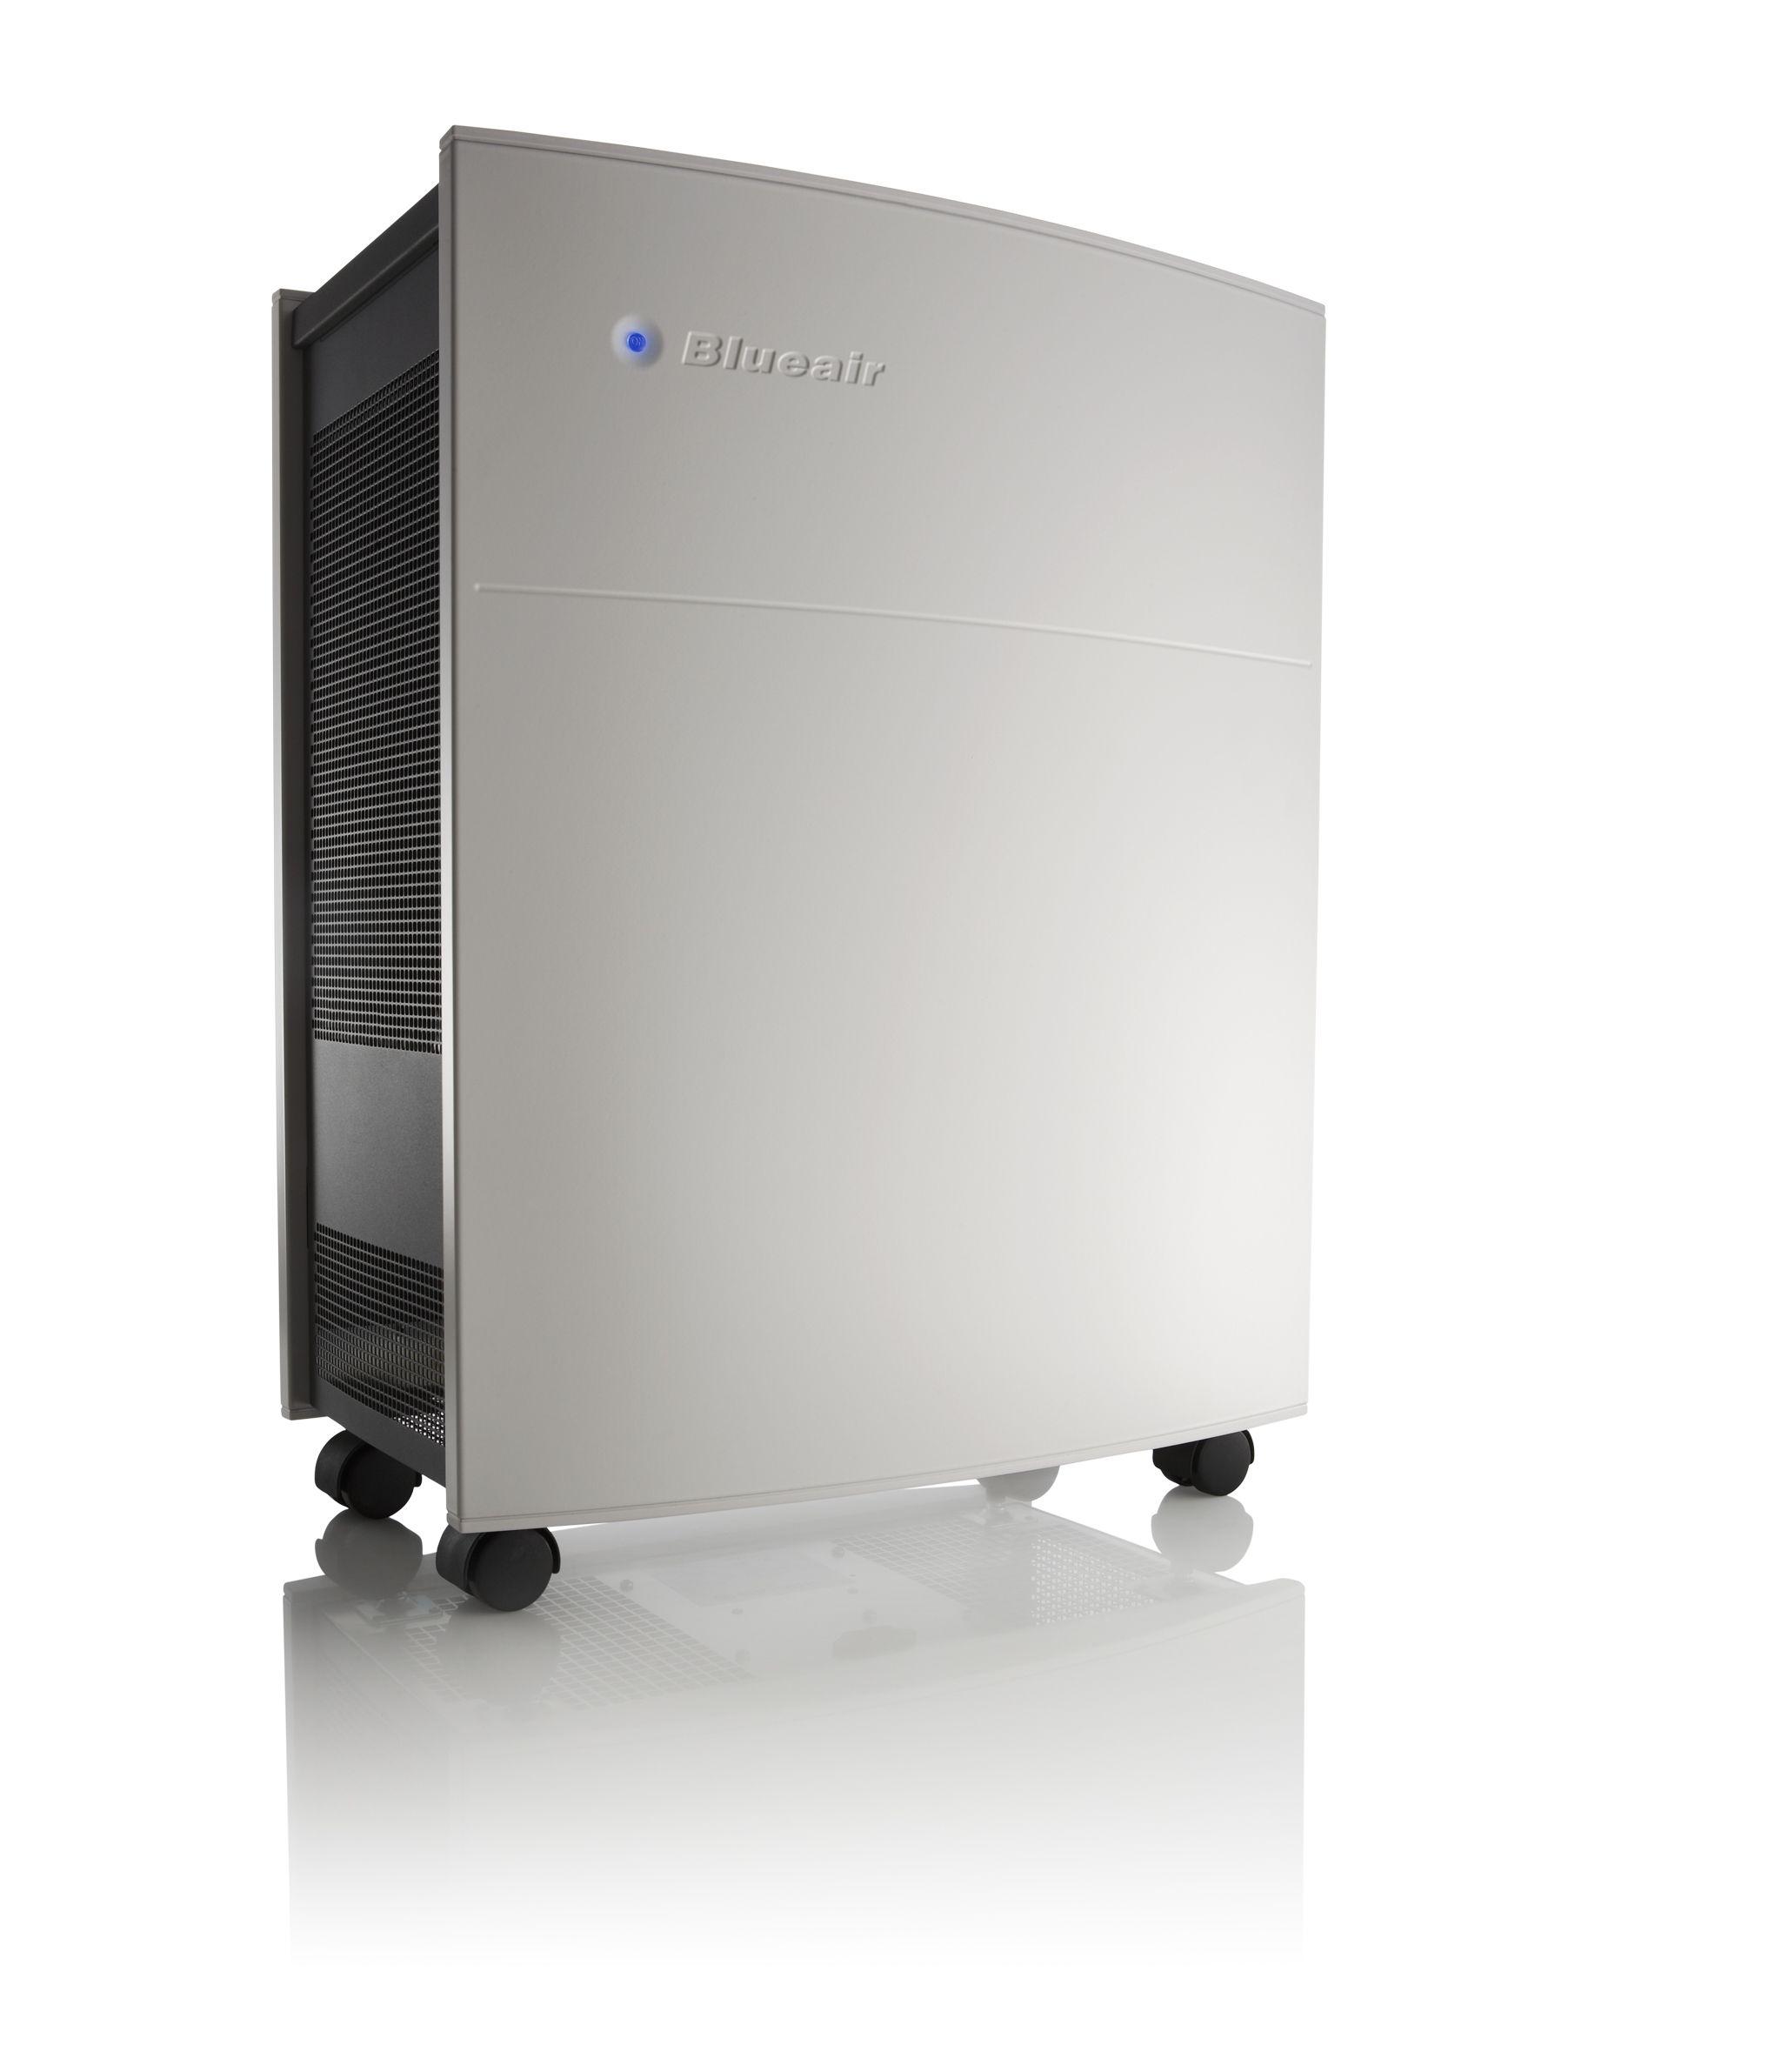 Blueair 503 Effektive Luftreinigung für große Räume